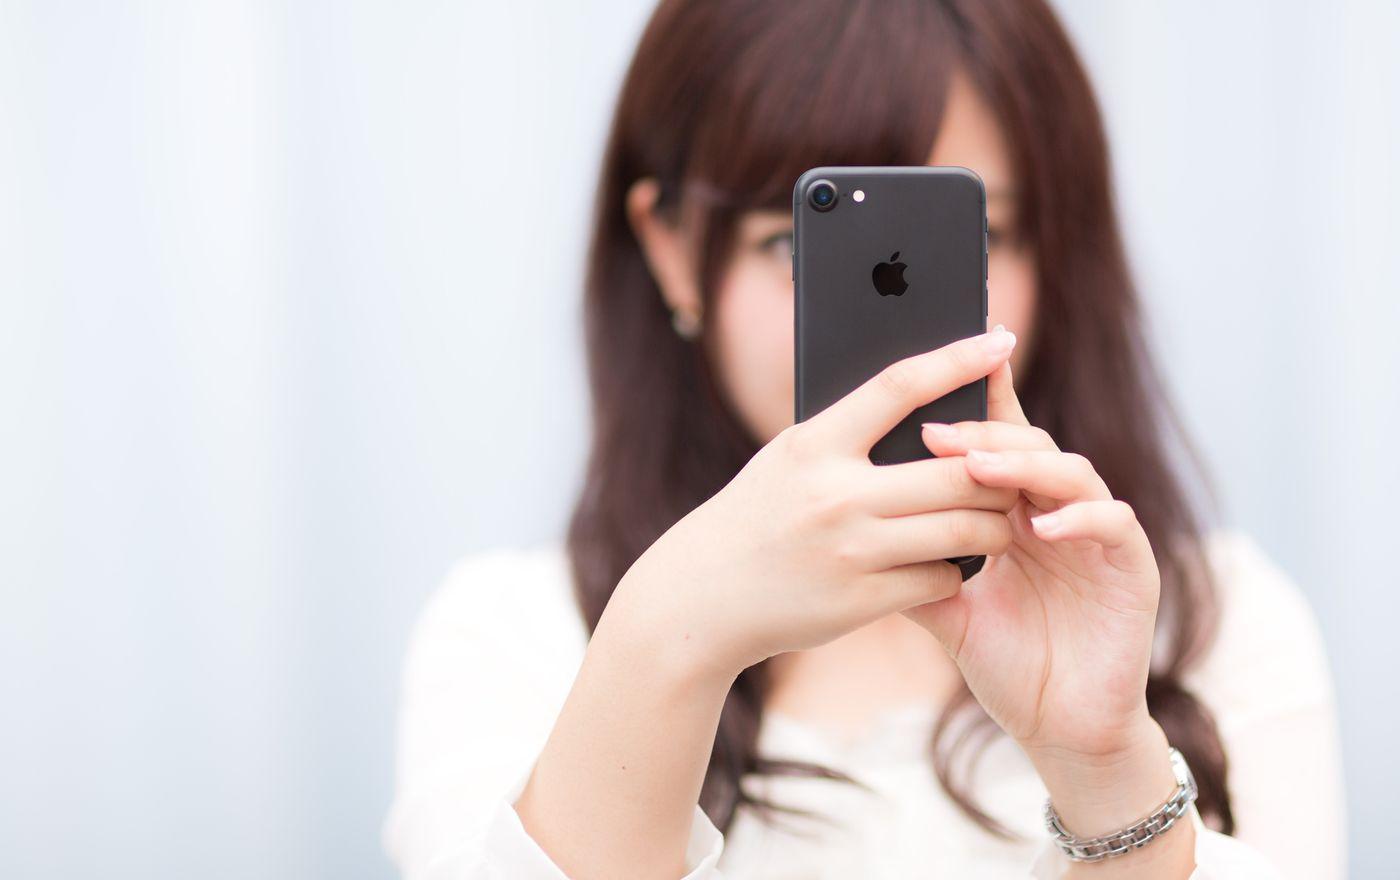 マットブラックカラーのスマートフォンを操作する女性の写真